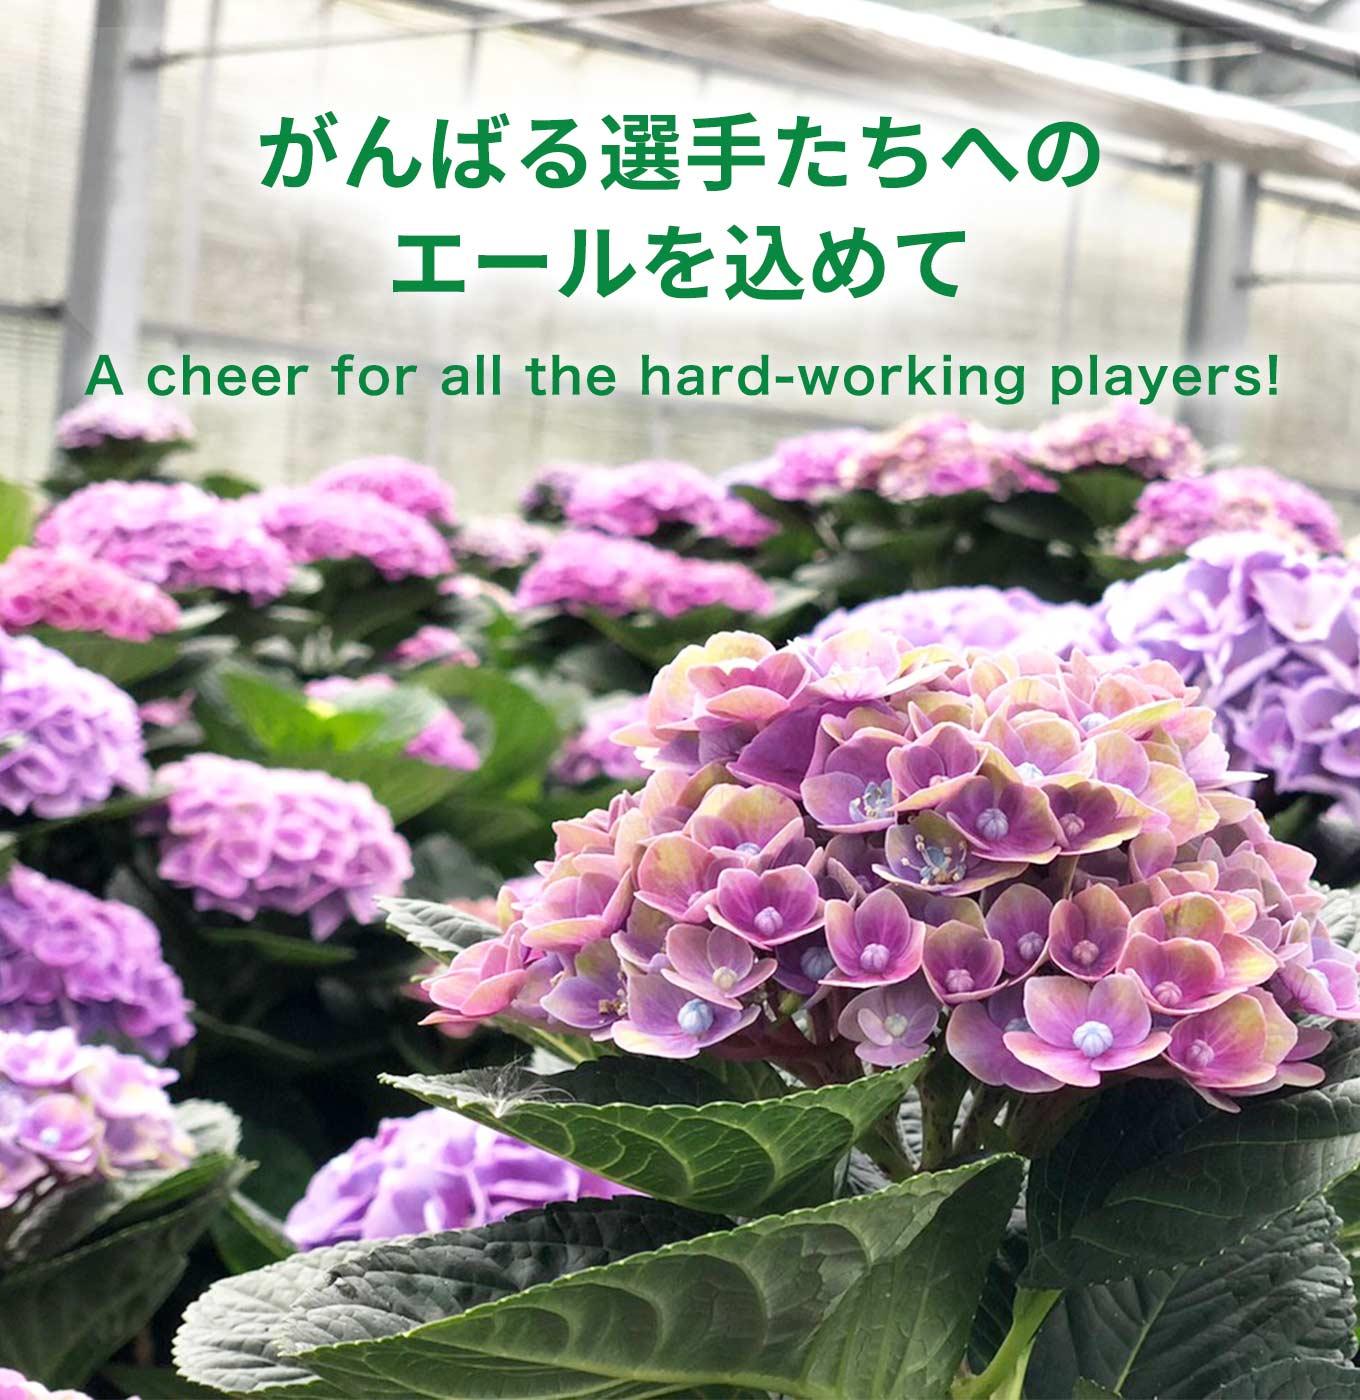 がんばる選手たちへのエールを込めて A cheer for all the hard-working players!